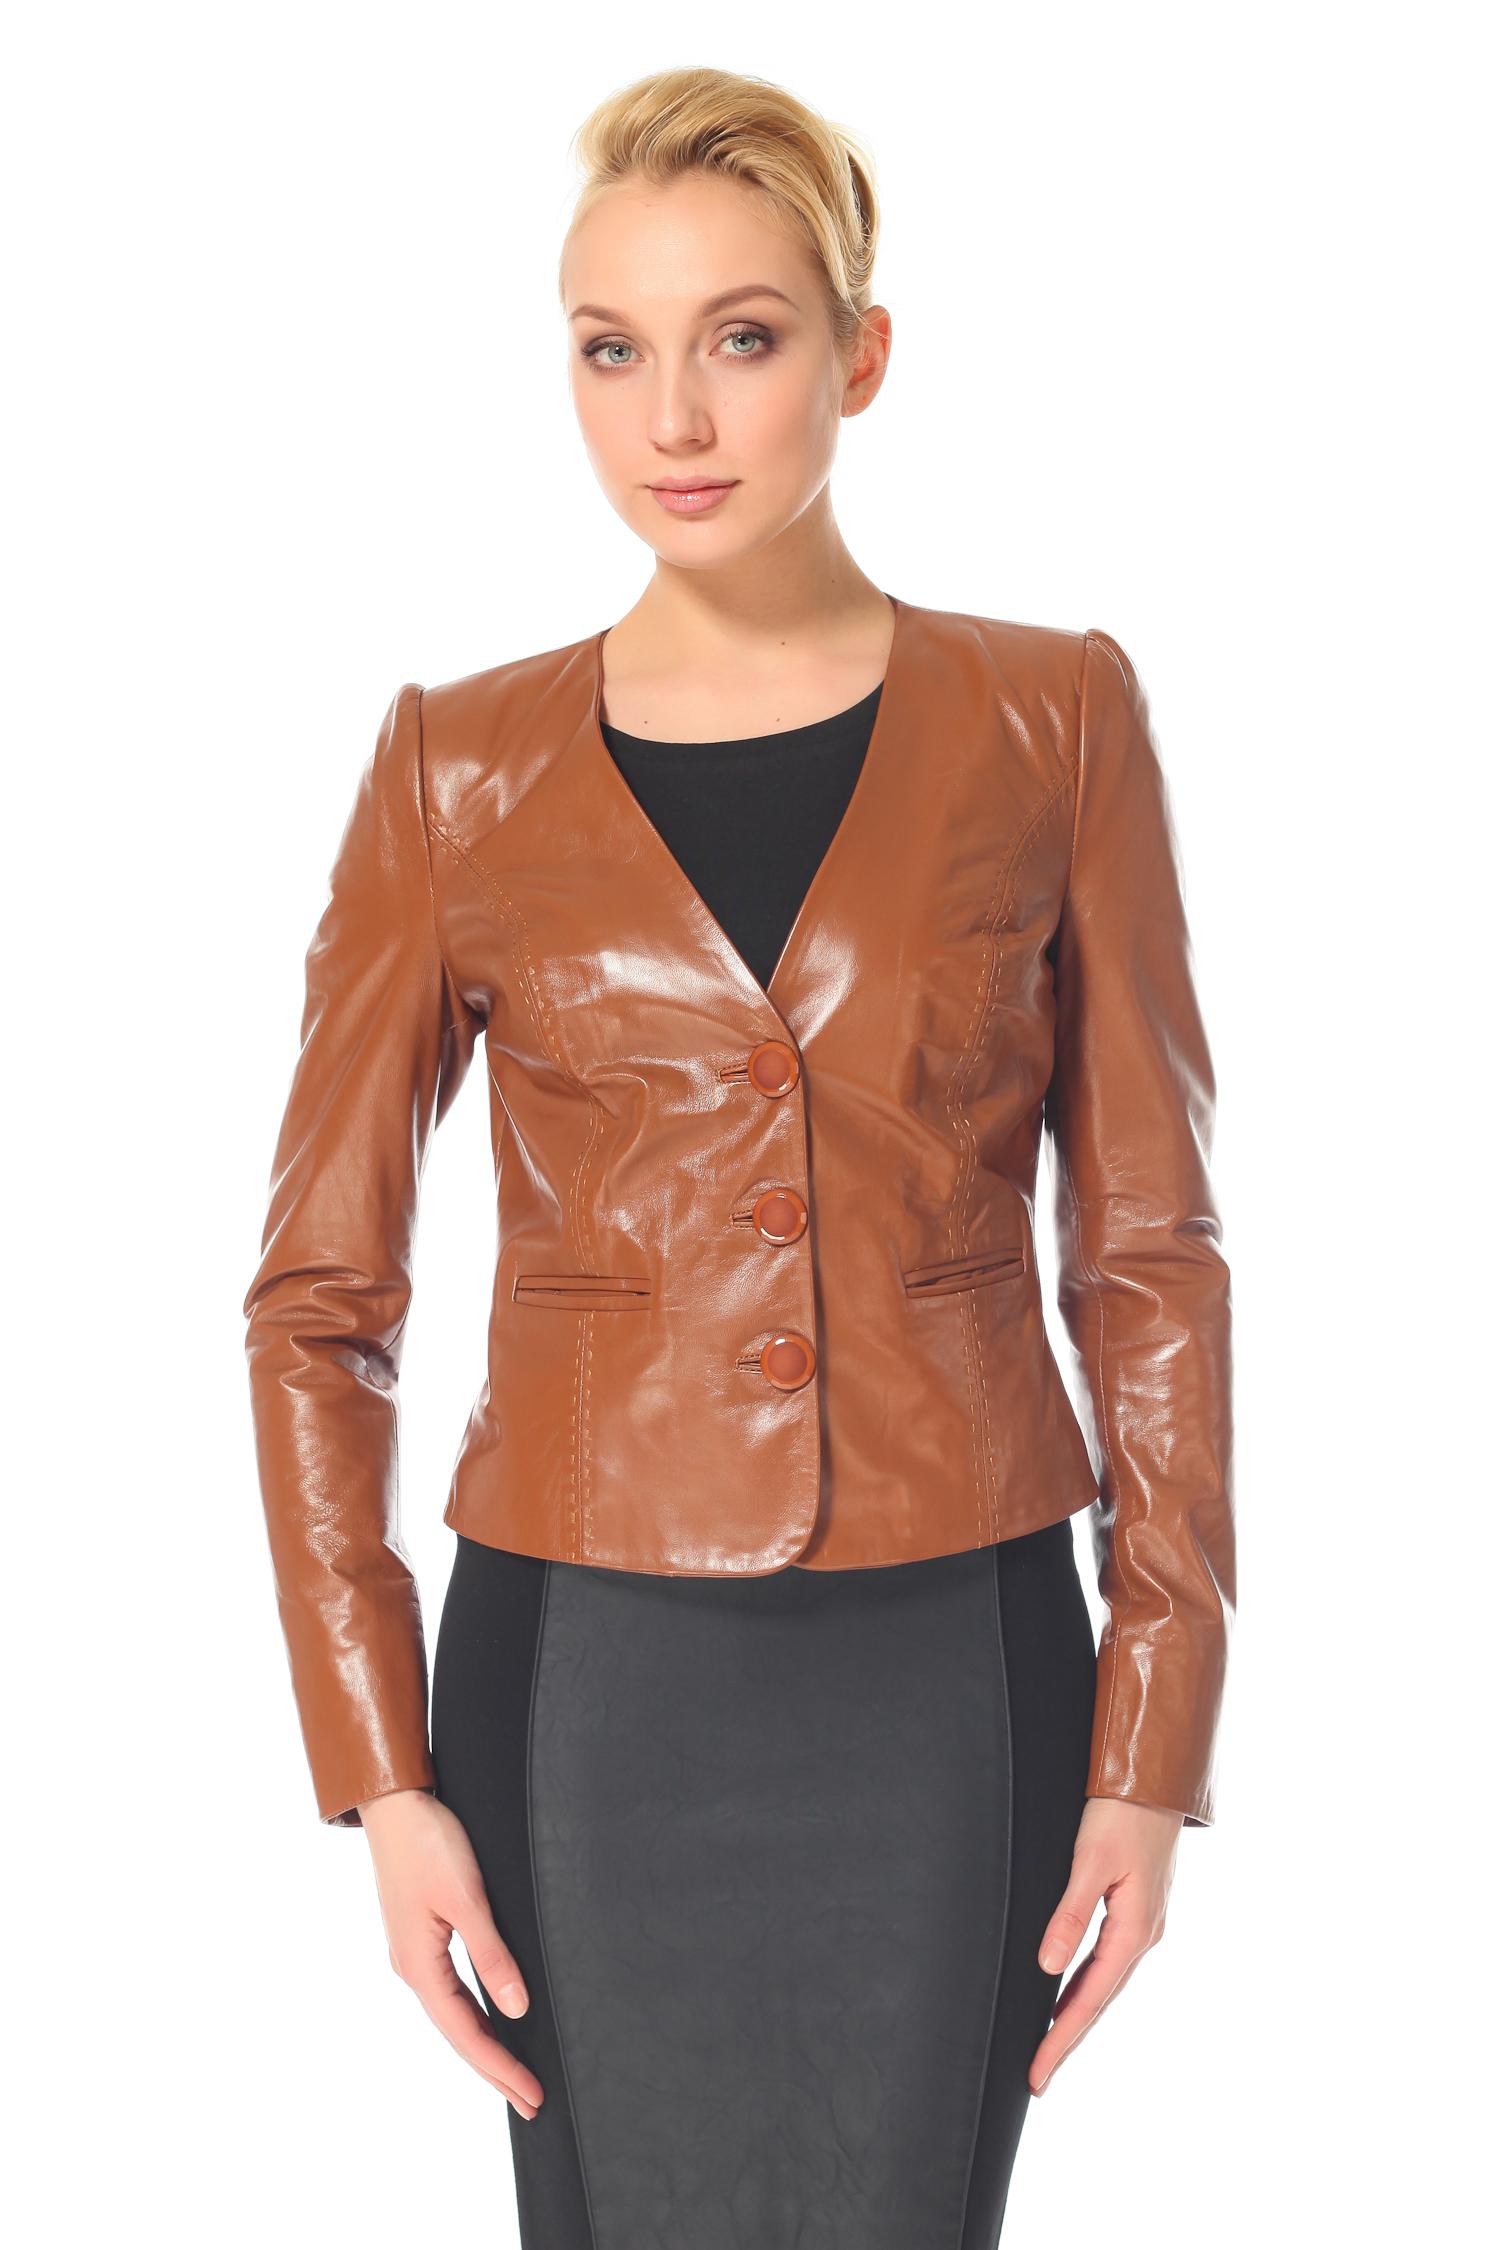 Женская кожаная куртка из натуральной кожи с воротником, без отделки<br><br>Воротник: Шаль<br>Длина см: 50<br>Материал: Натуральная кожа<br>Цвет: Коричневый<br>Пол: Женский